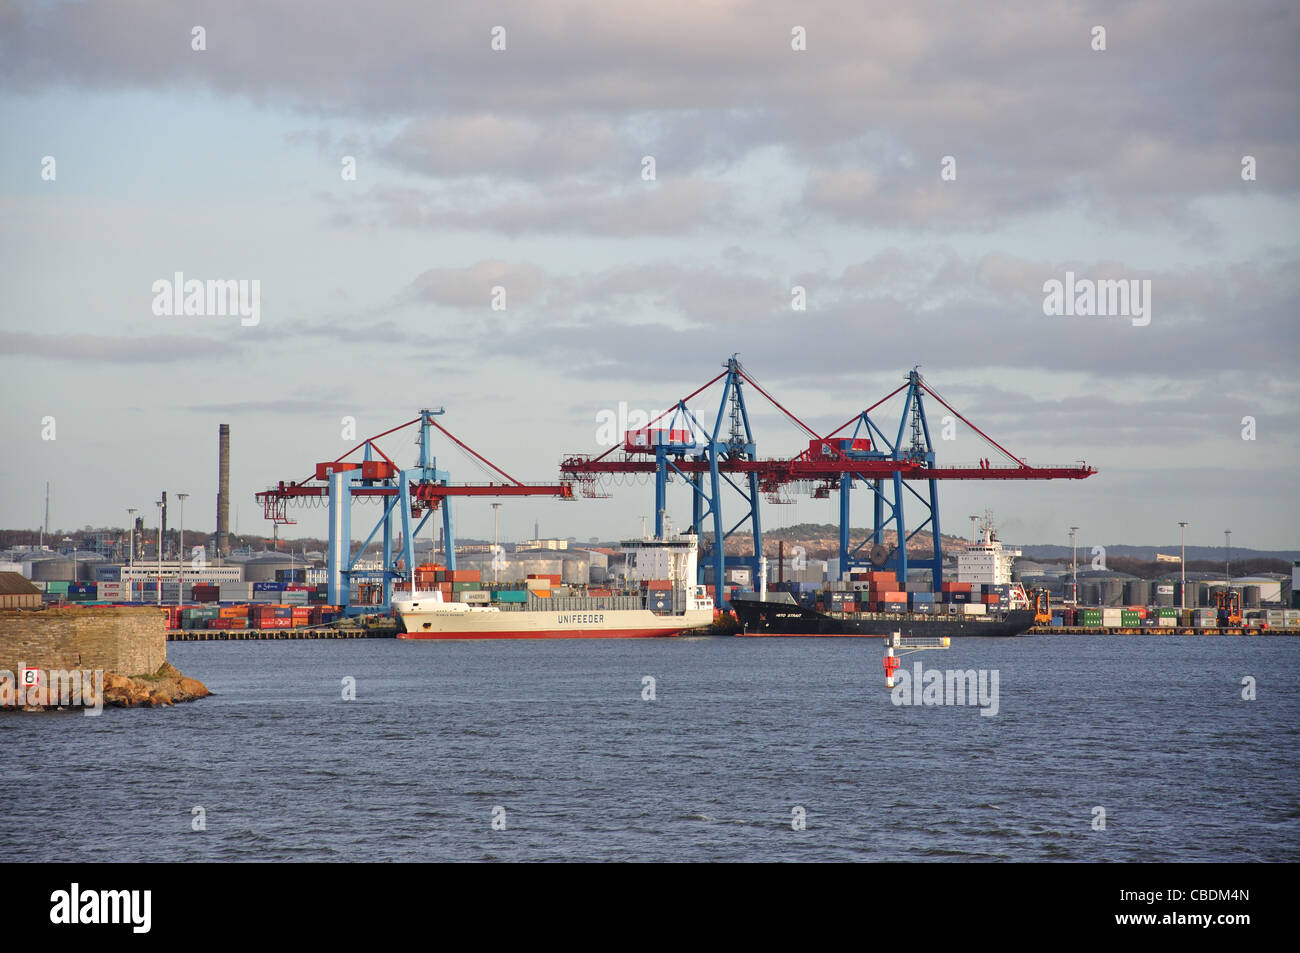 Barcos de contenedores en la terminal de contenedores, el puerto de Gotemburgo, en Gotemburgo, en la provincia de Västergötland & Bohuslän, Reino de Suecia Foto de stock